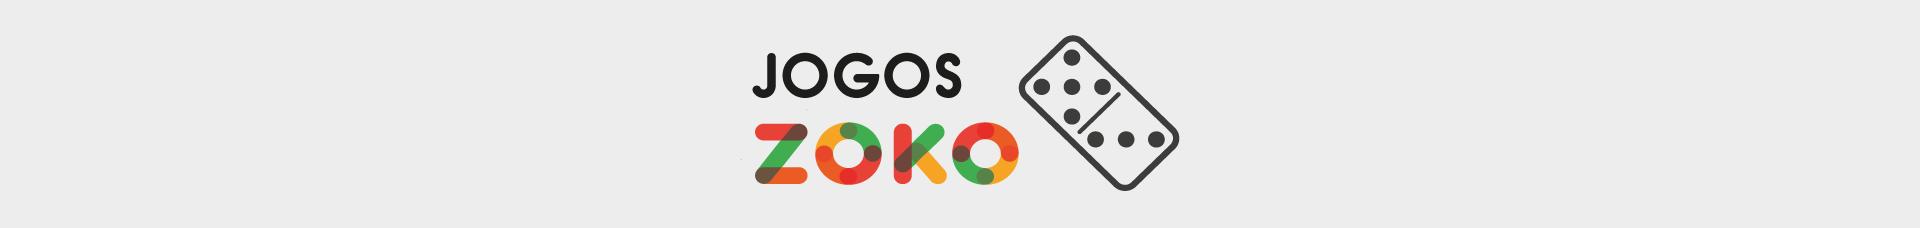 Jogos Zoko